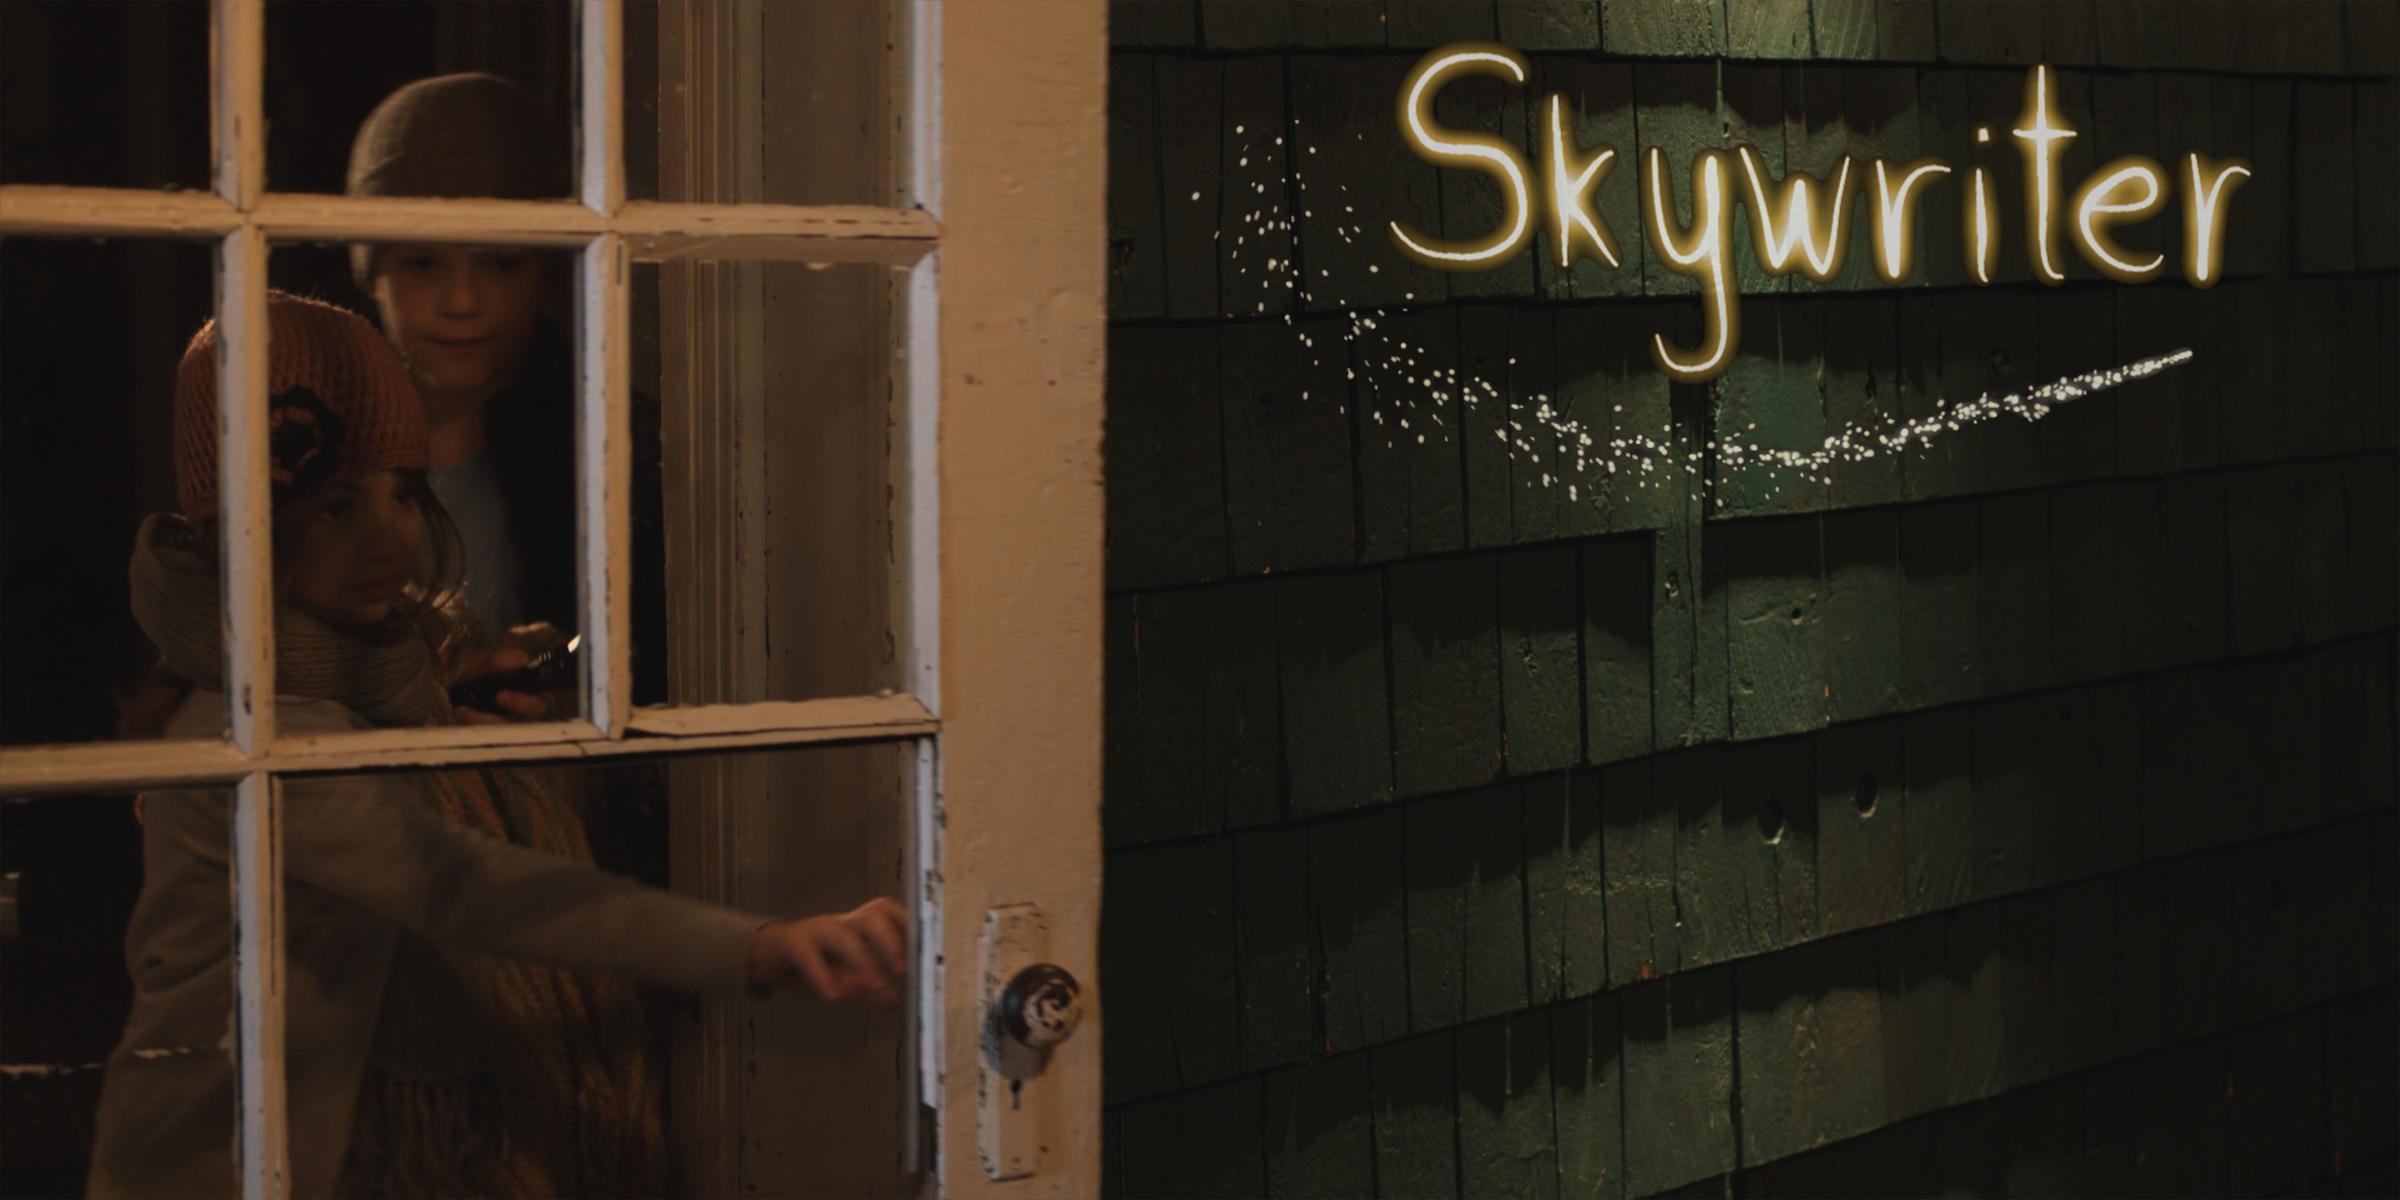 Skywriter - Still Frame (1).jpg